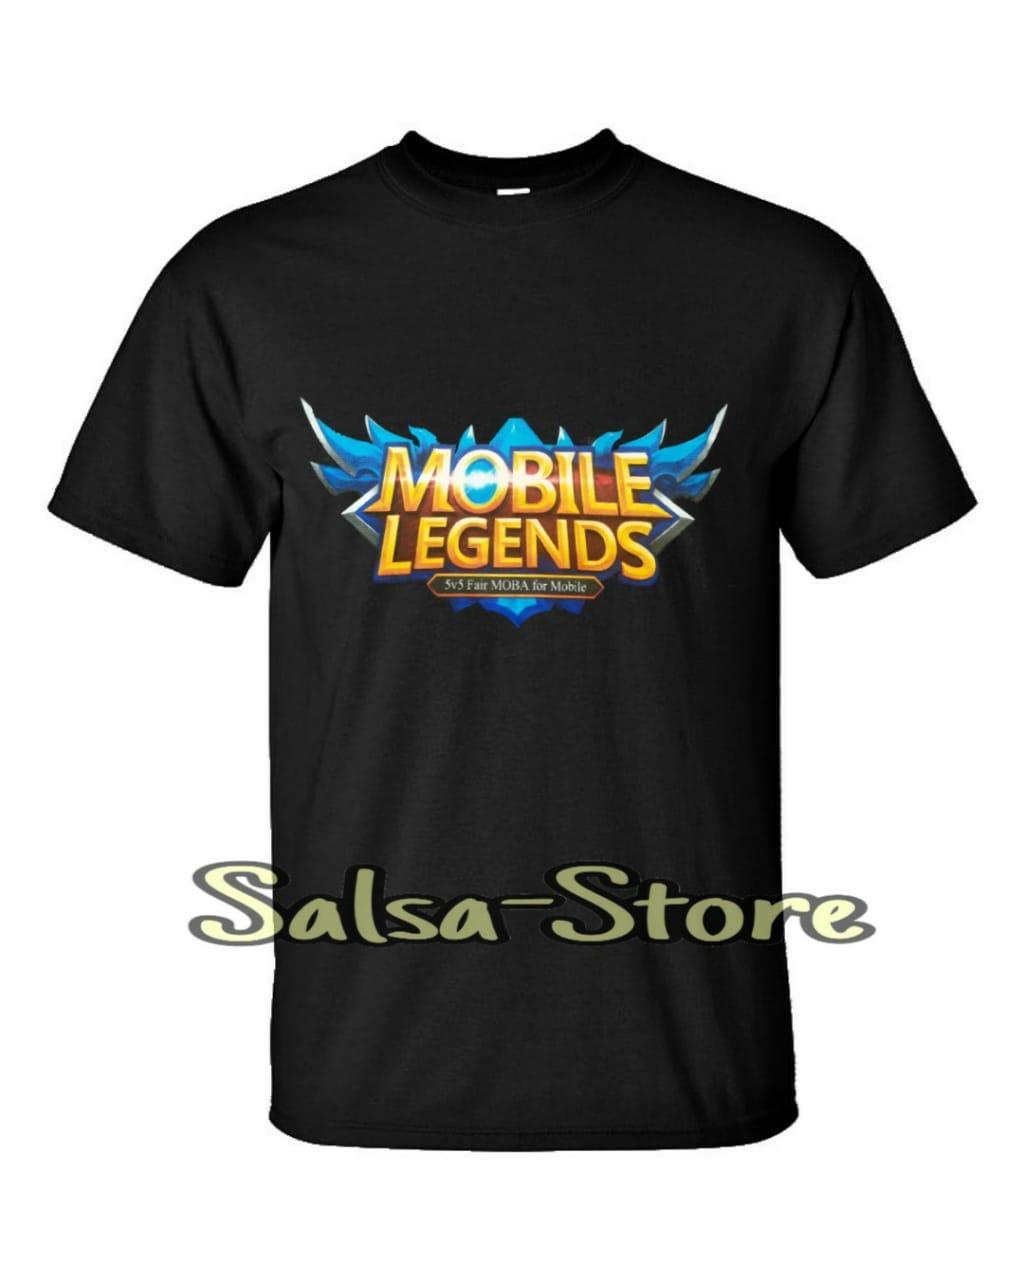 salsa store – t-shirt / baju / kaos game   anak dewasa pria wanita cowok cewek laki laki perempuan – mobile gaming – mabar – moba – mobile legends – mobile legend logo